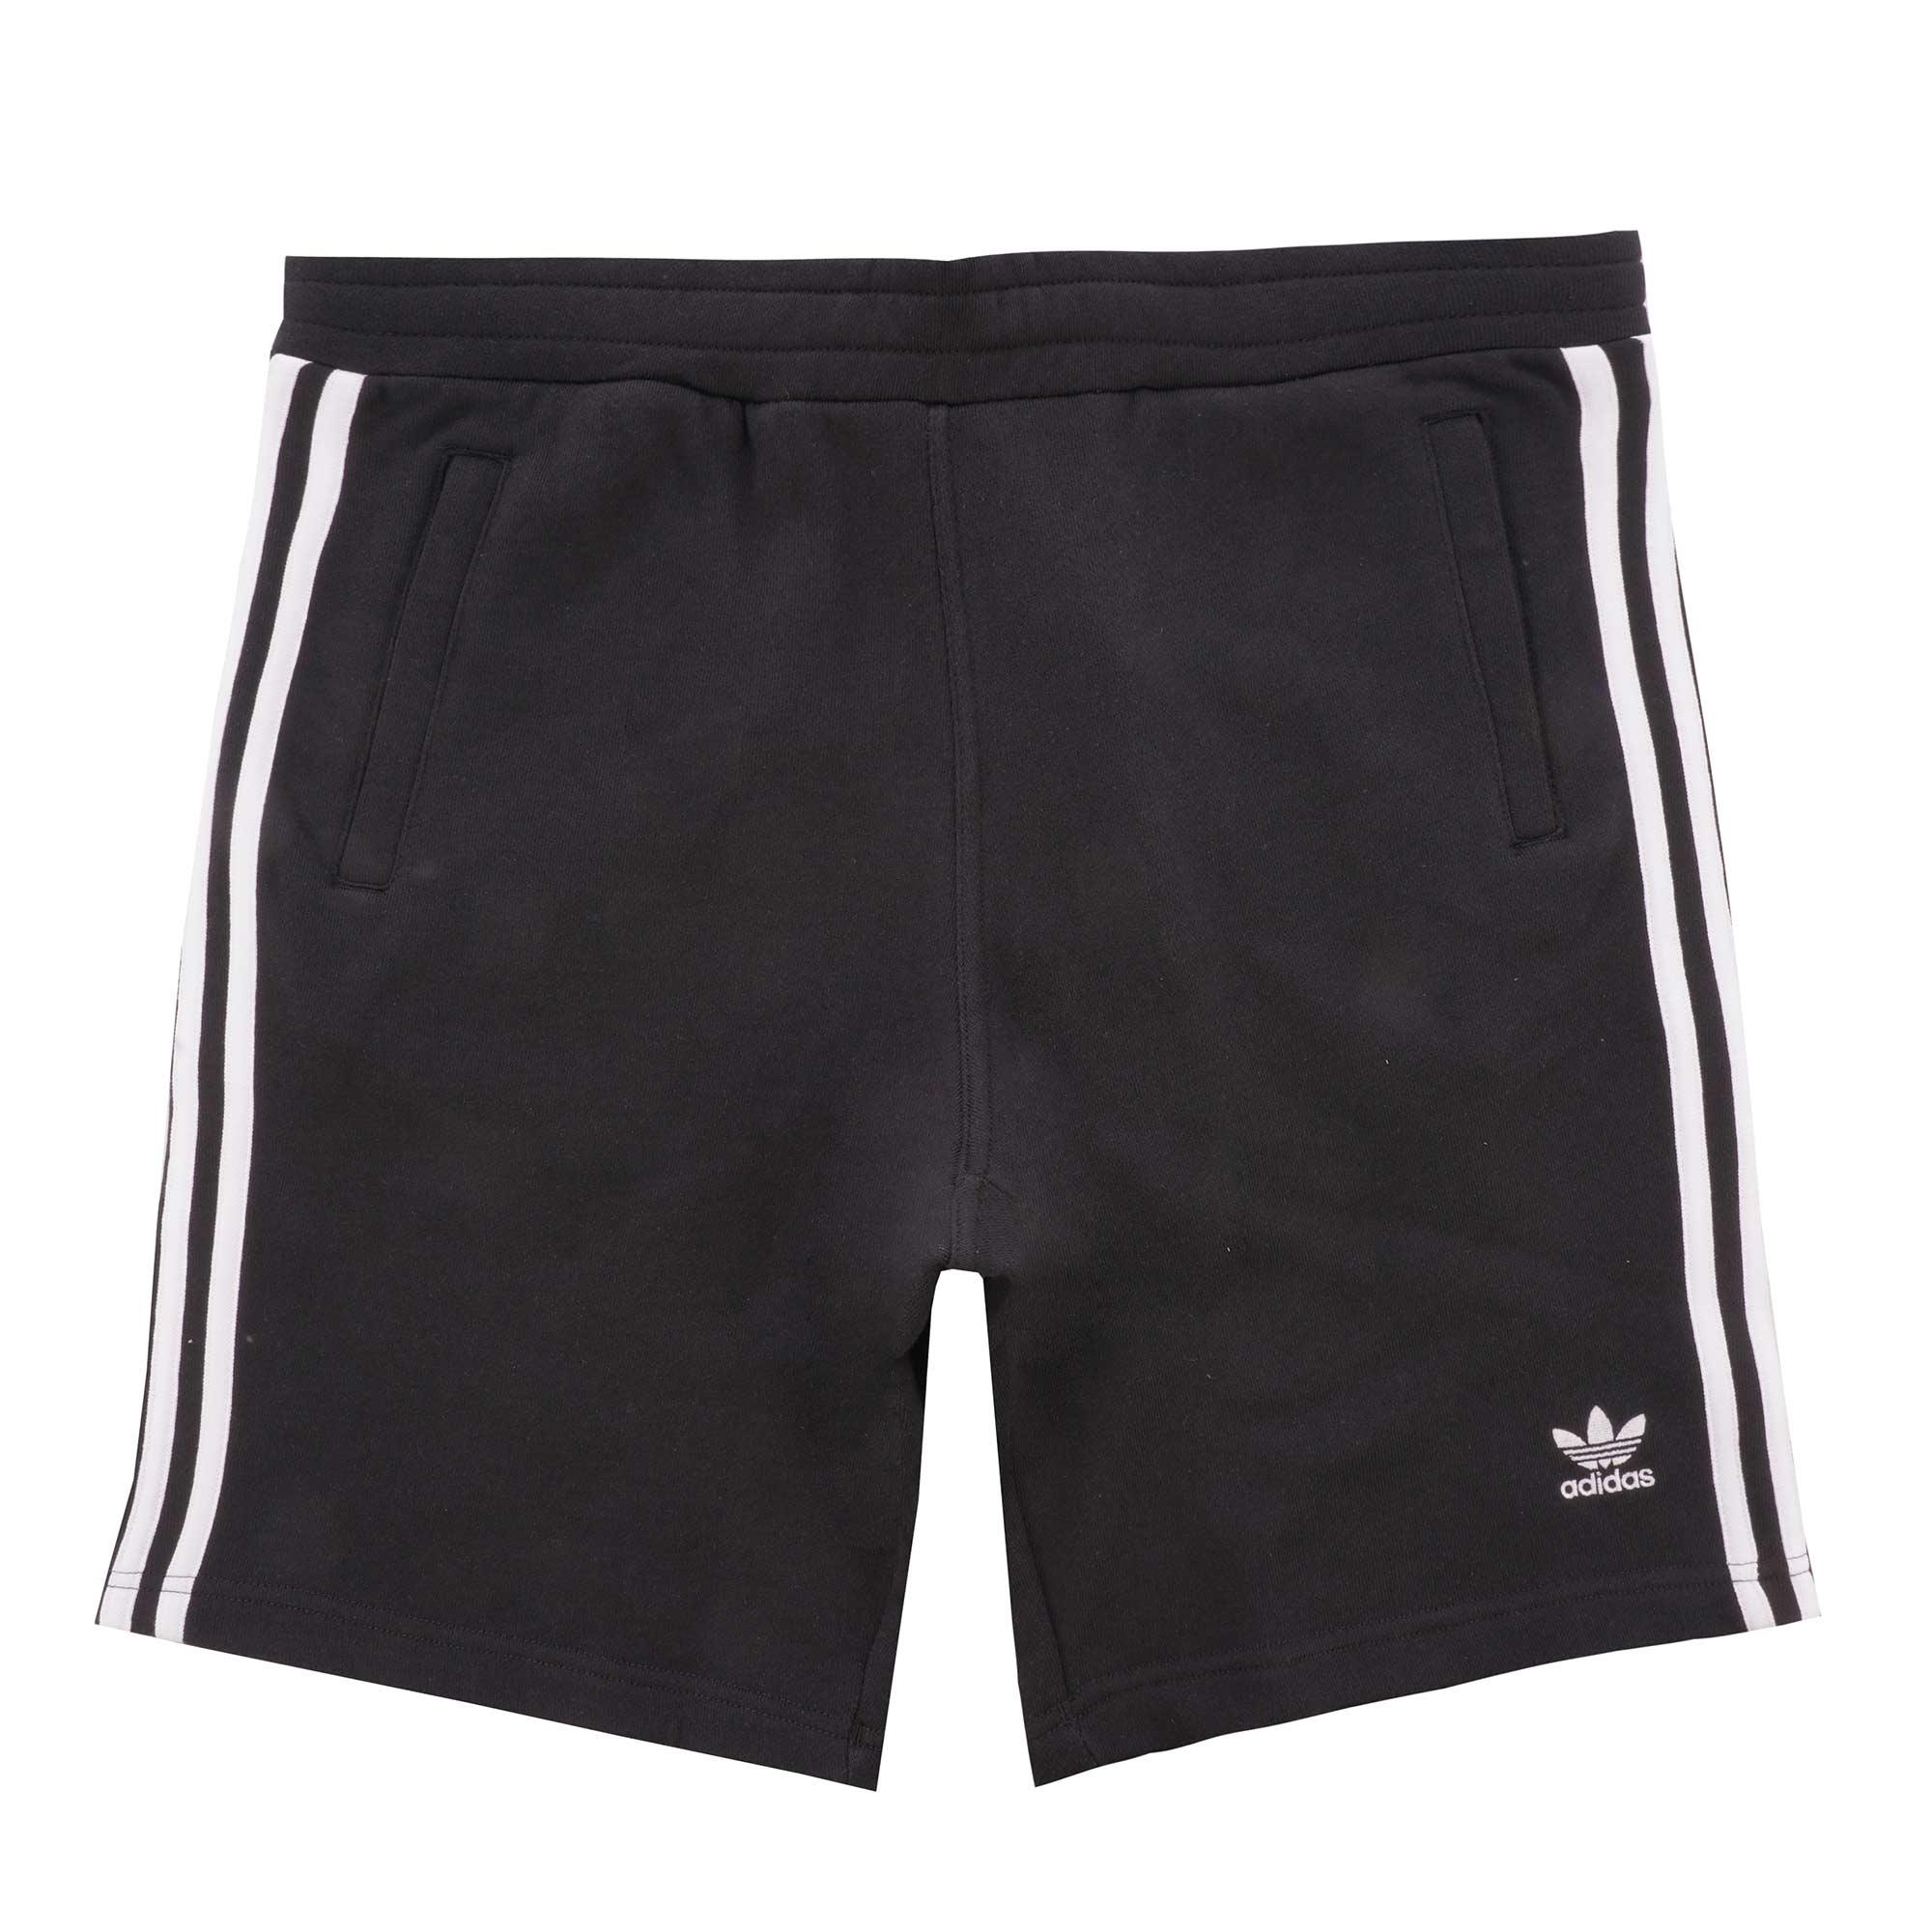 Image of 3-Stripes Shorts - Black